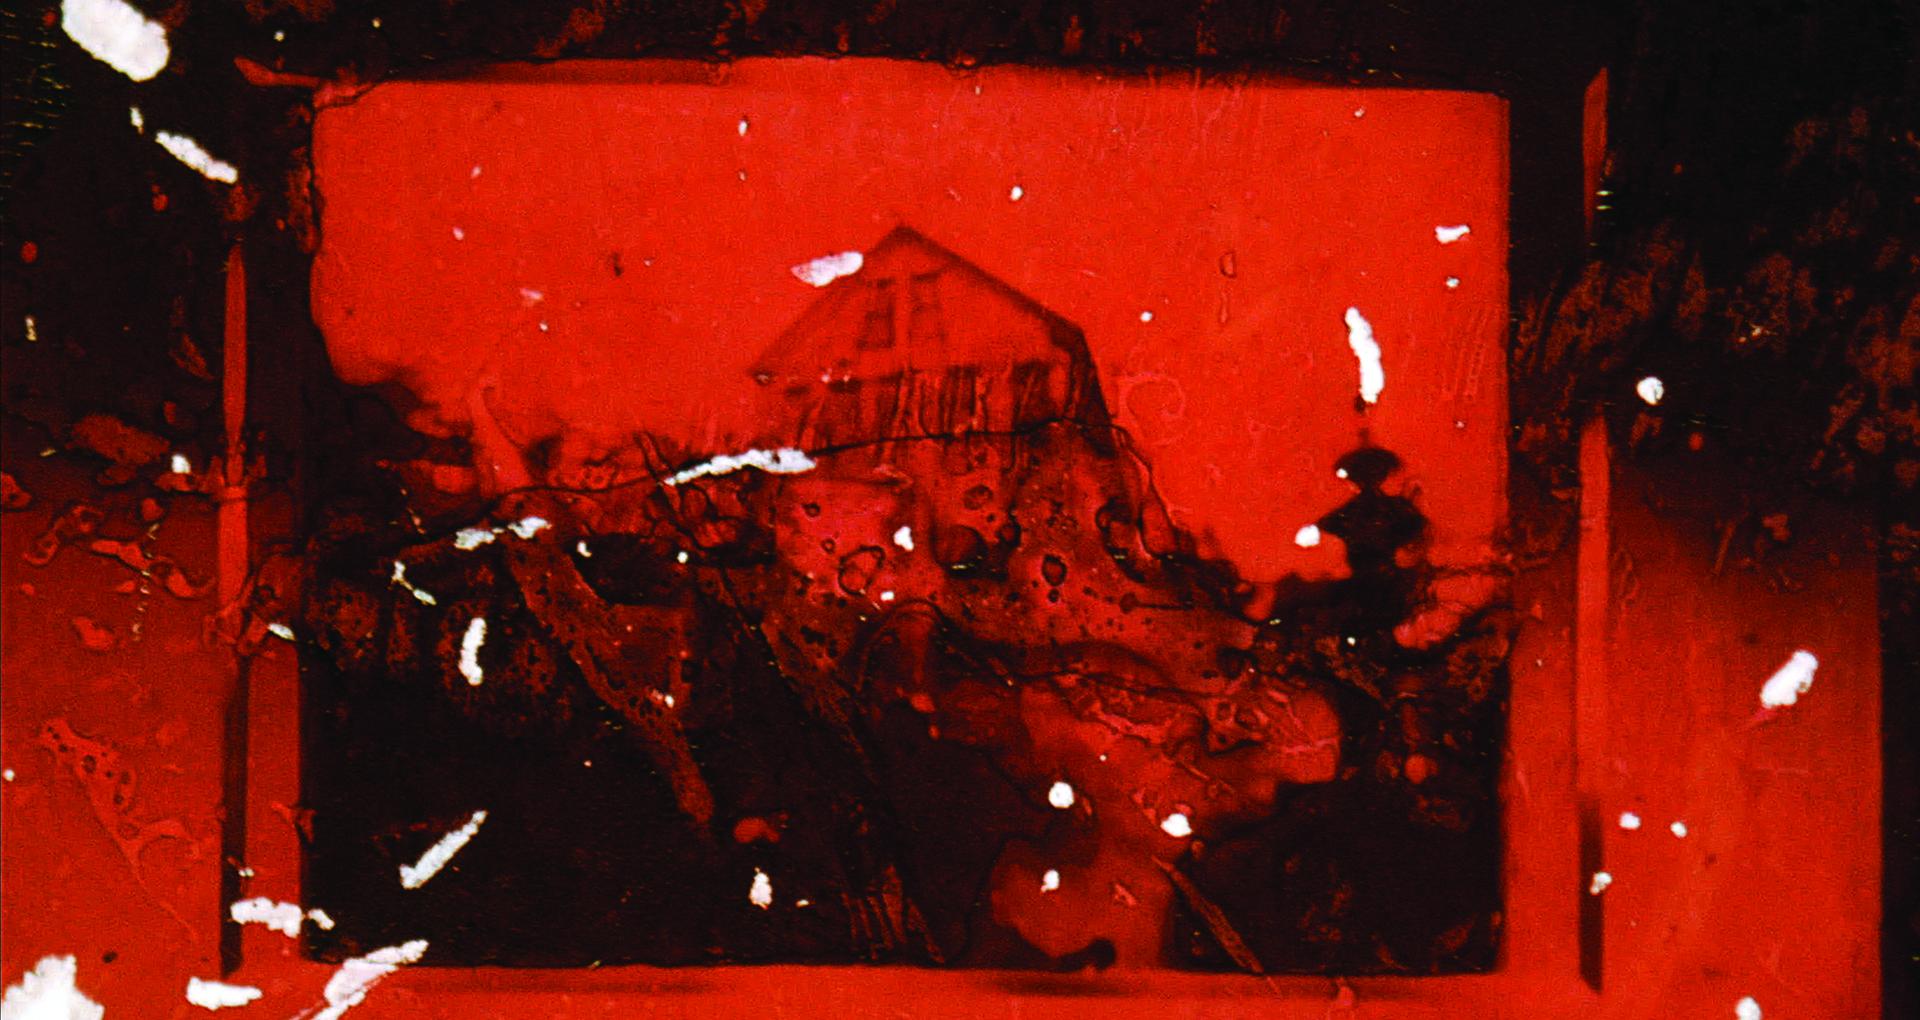 Image couleur flou, en noir et orange. Une maison en arrière plan. De la pellicule brûlée et grattée en premier plan